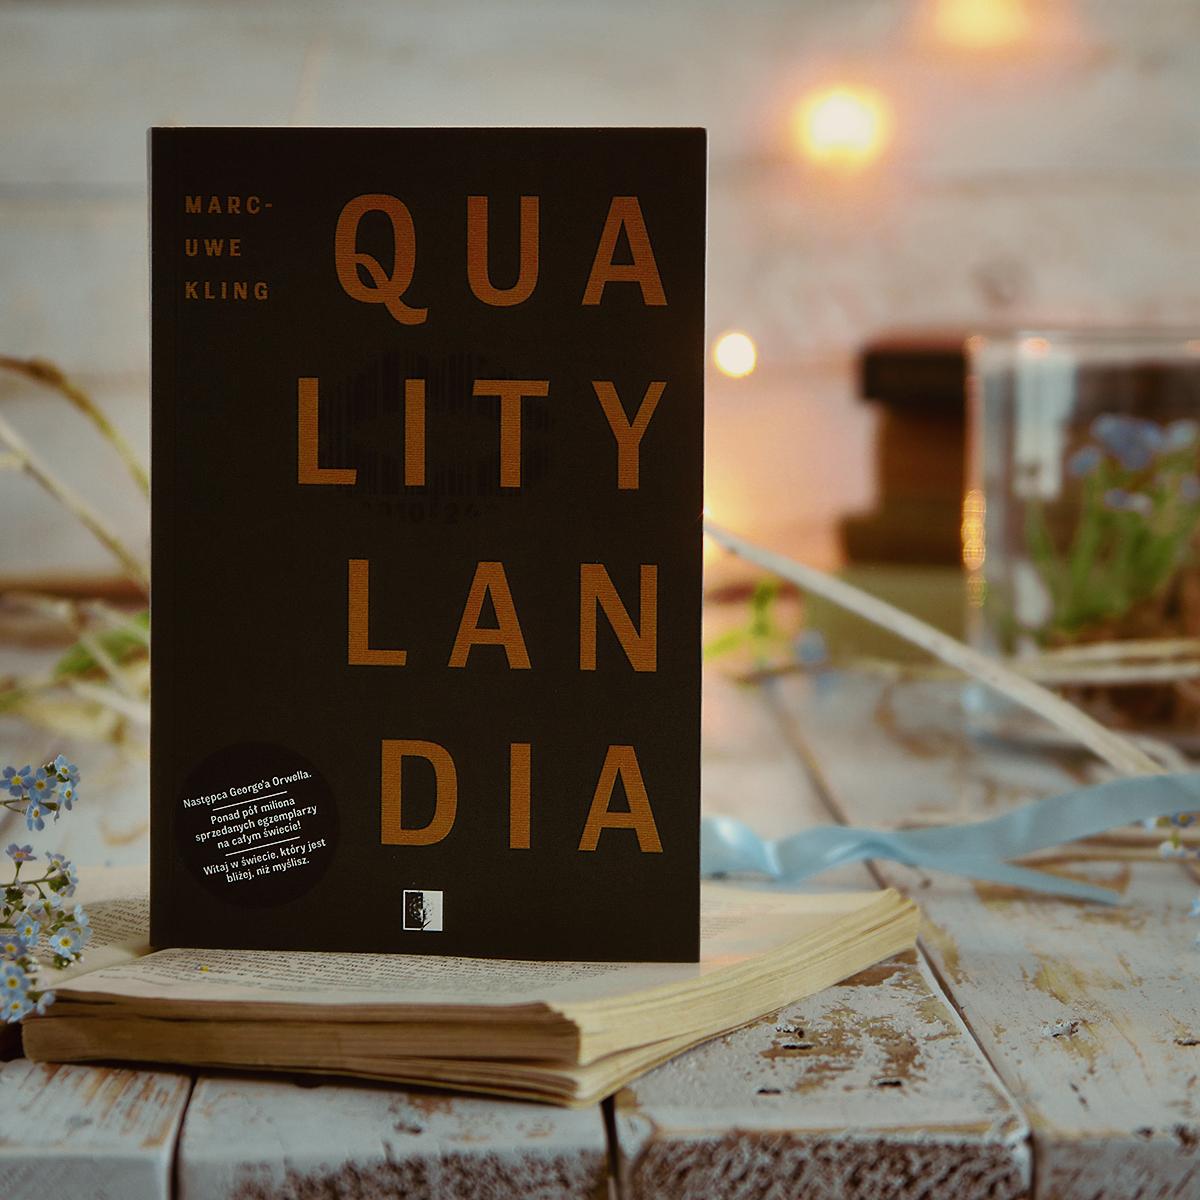 QualityLandia - Marc-Uwe Kling